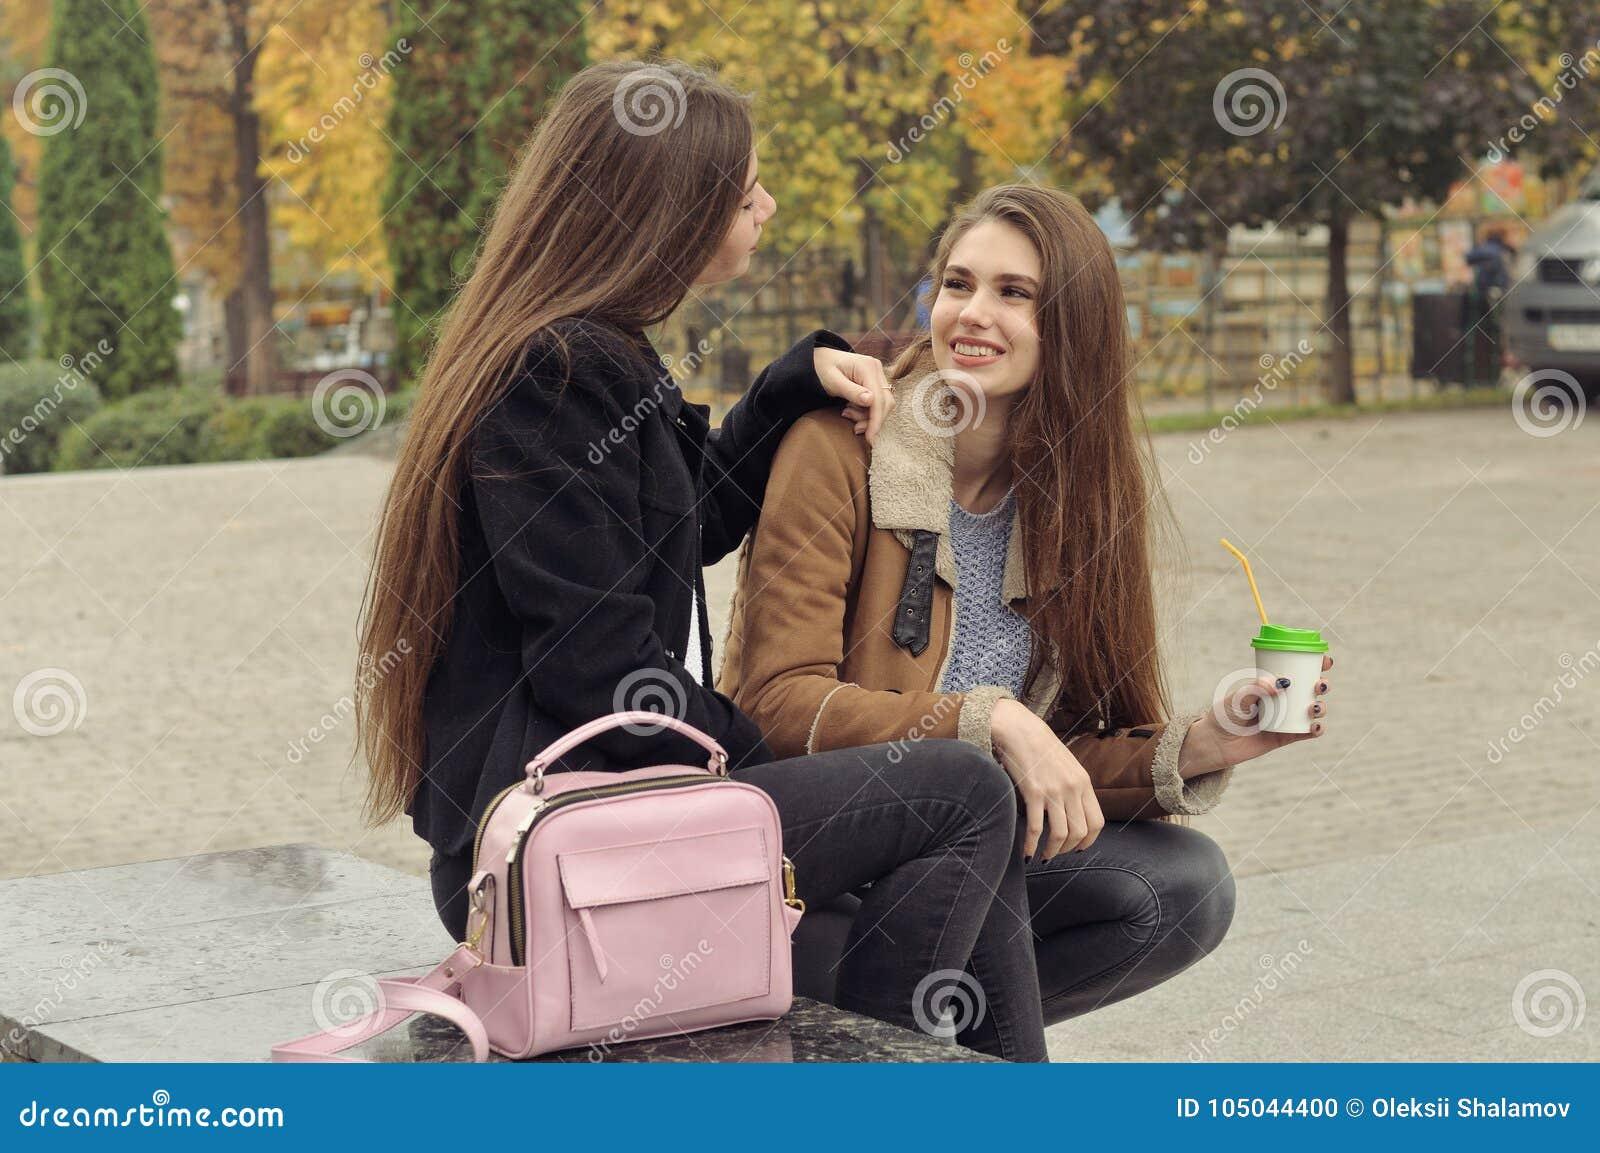 having two girlfriends